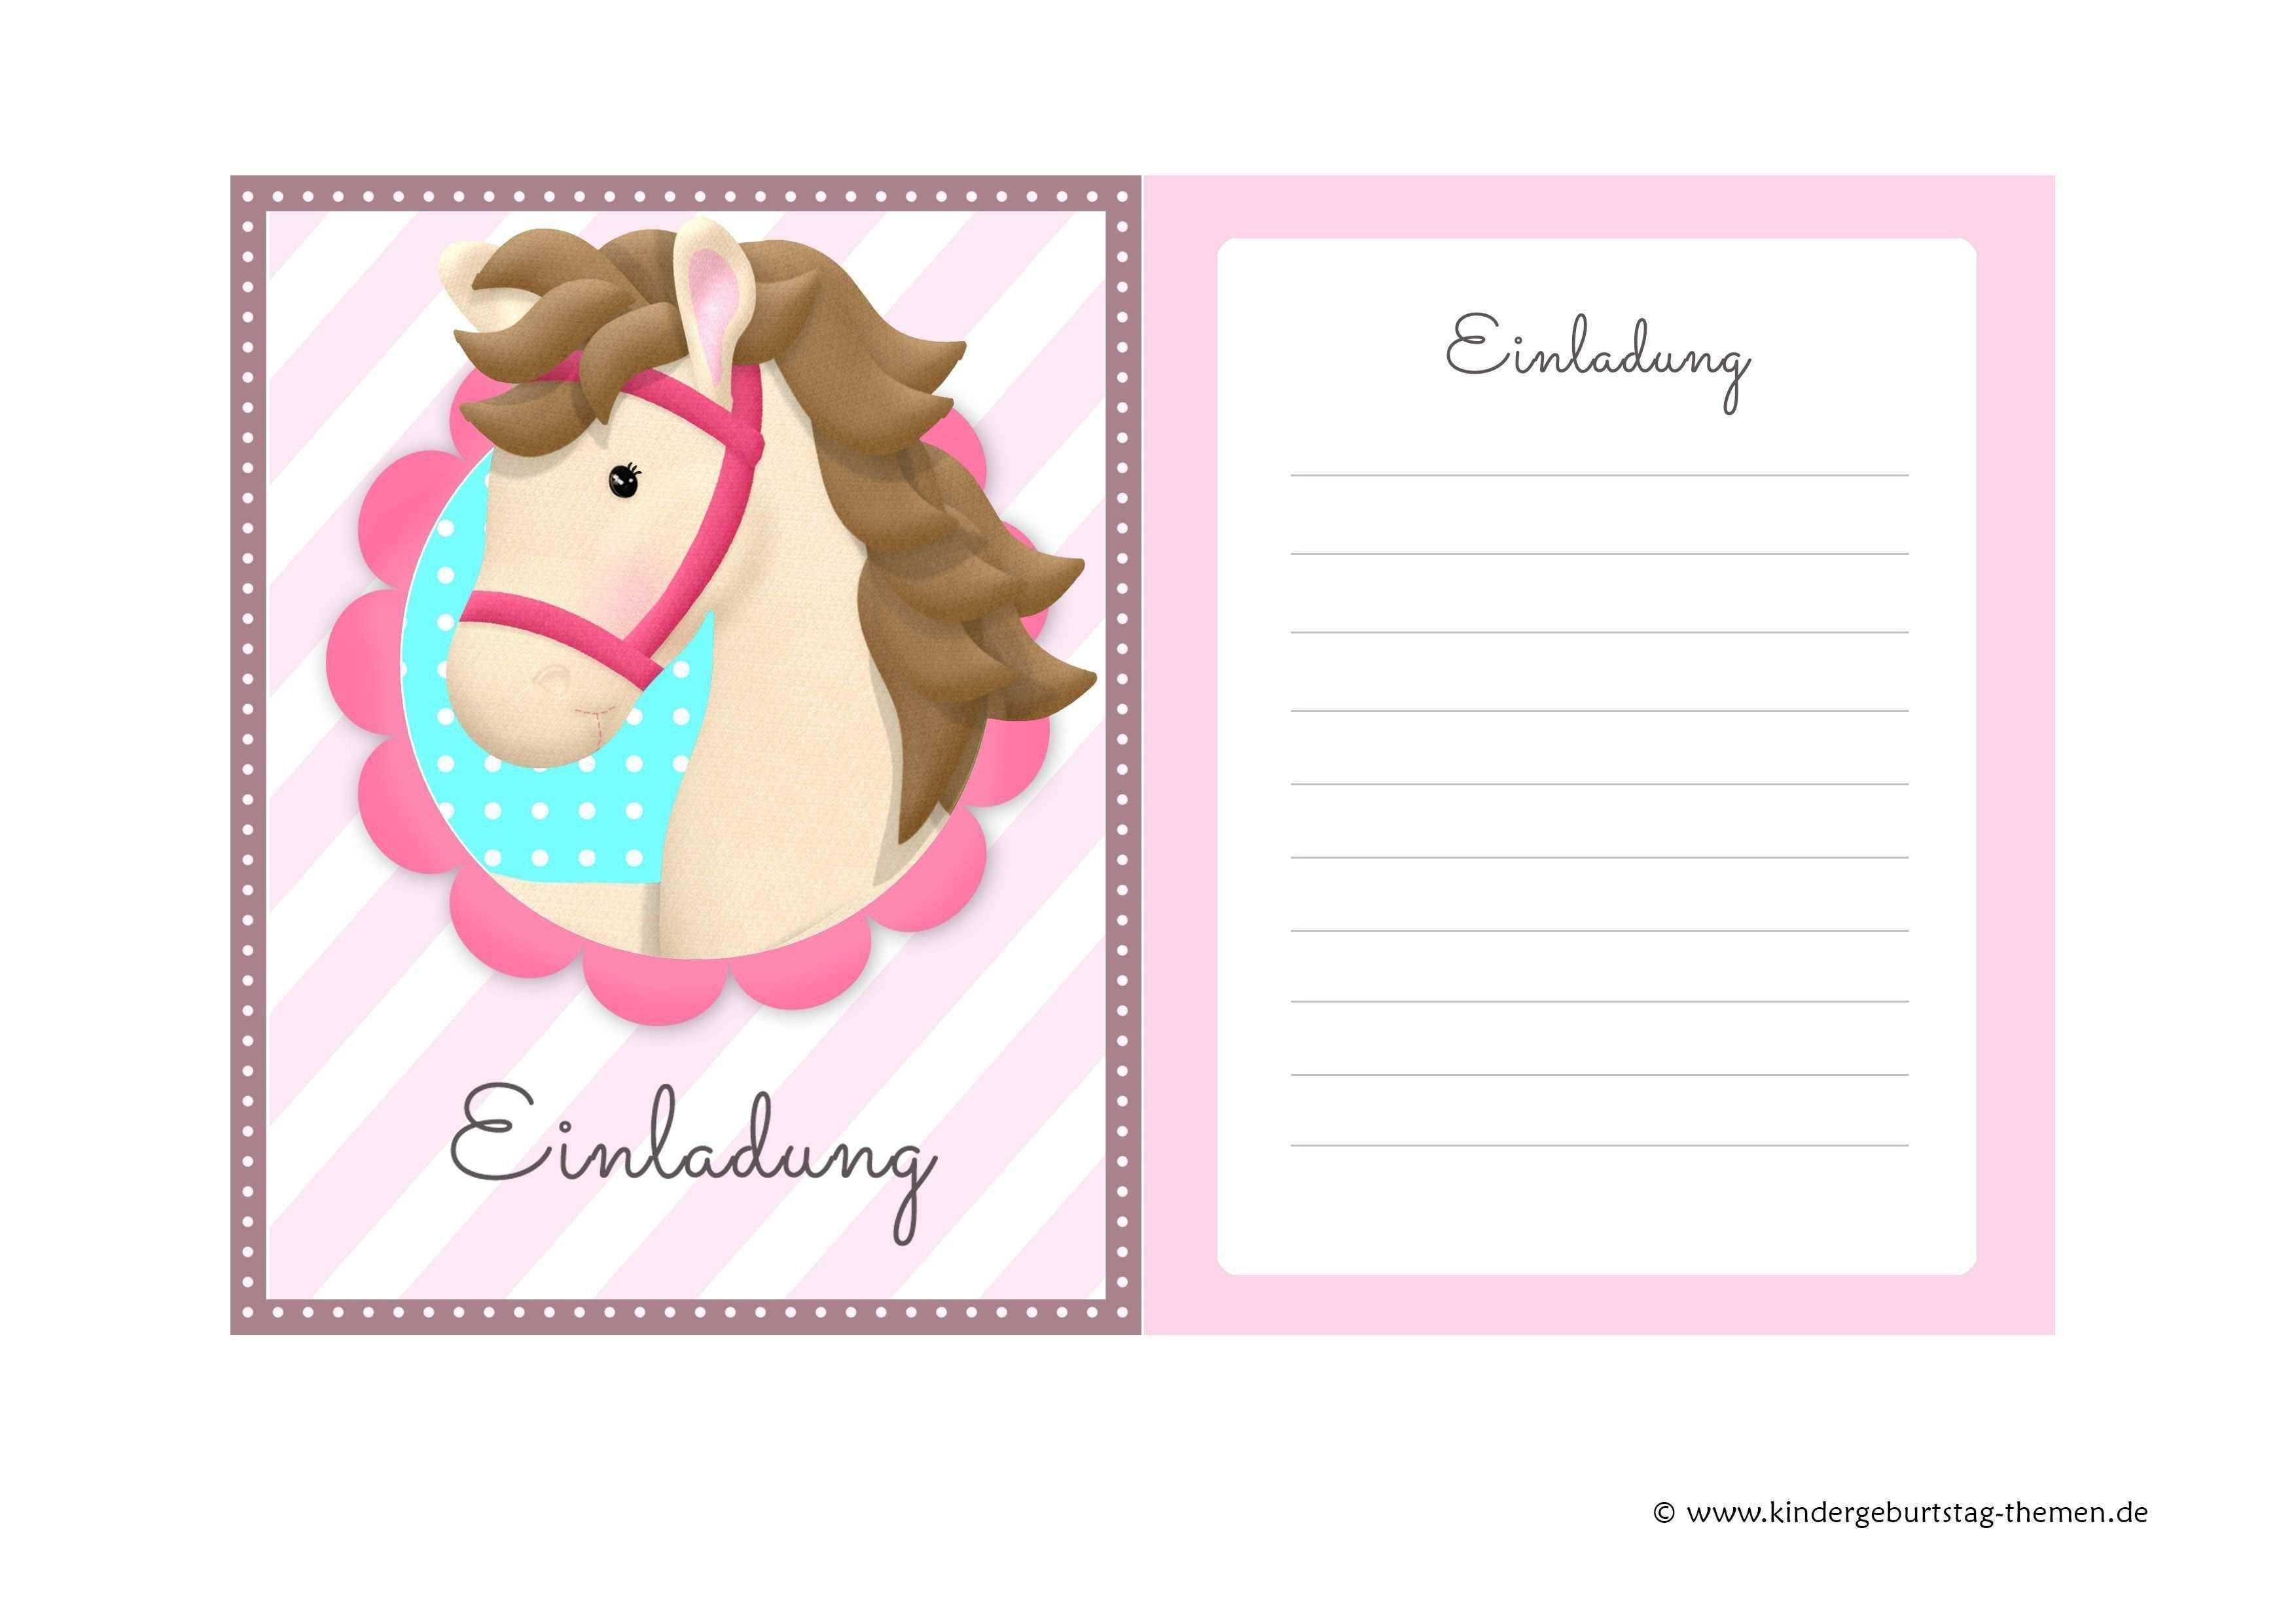 Vorlage Einladung Kindergeburtstag Pferd Vorlage Einladung